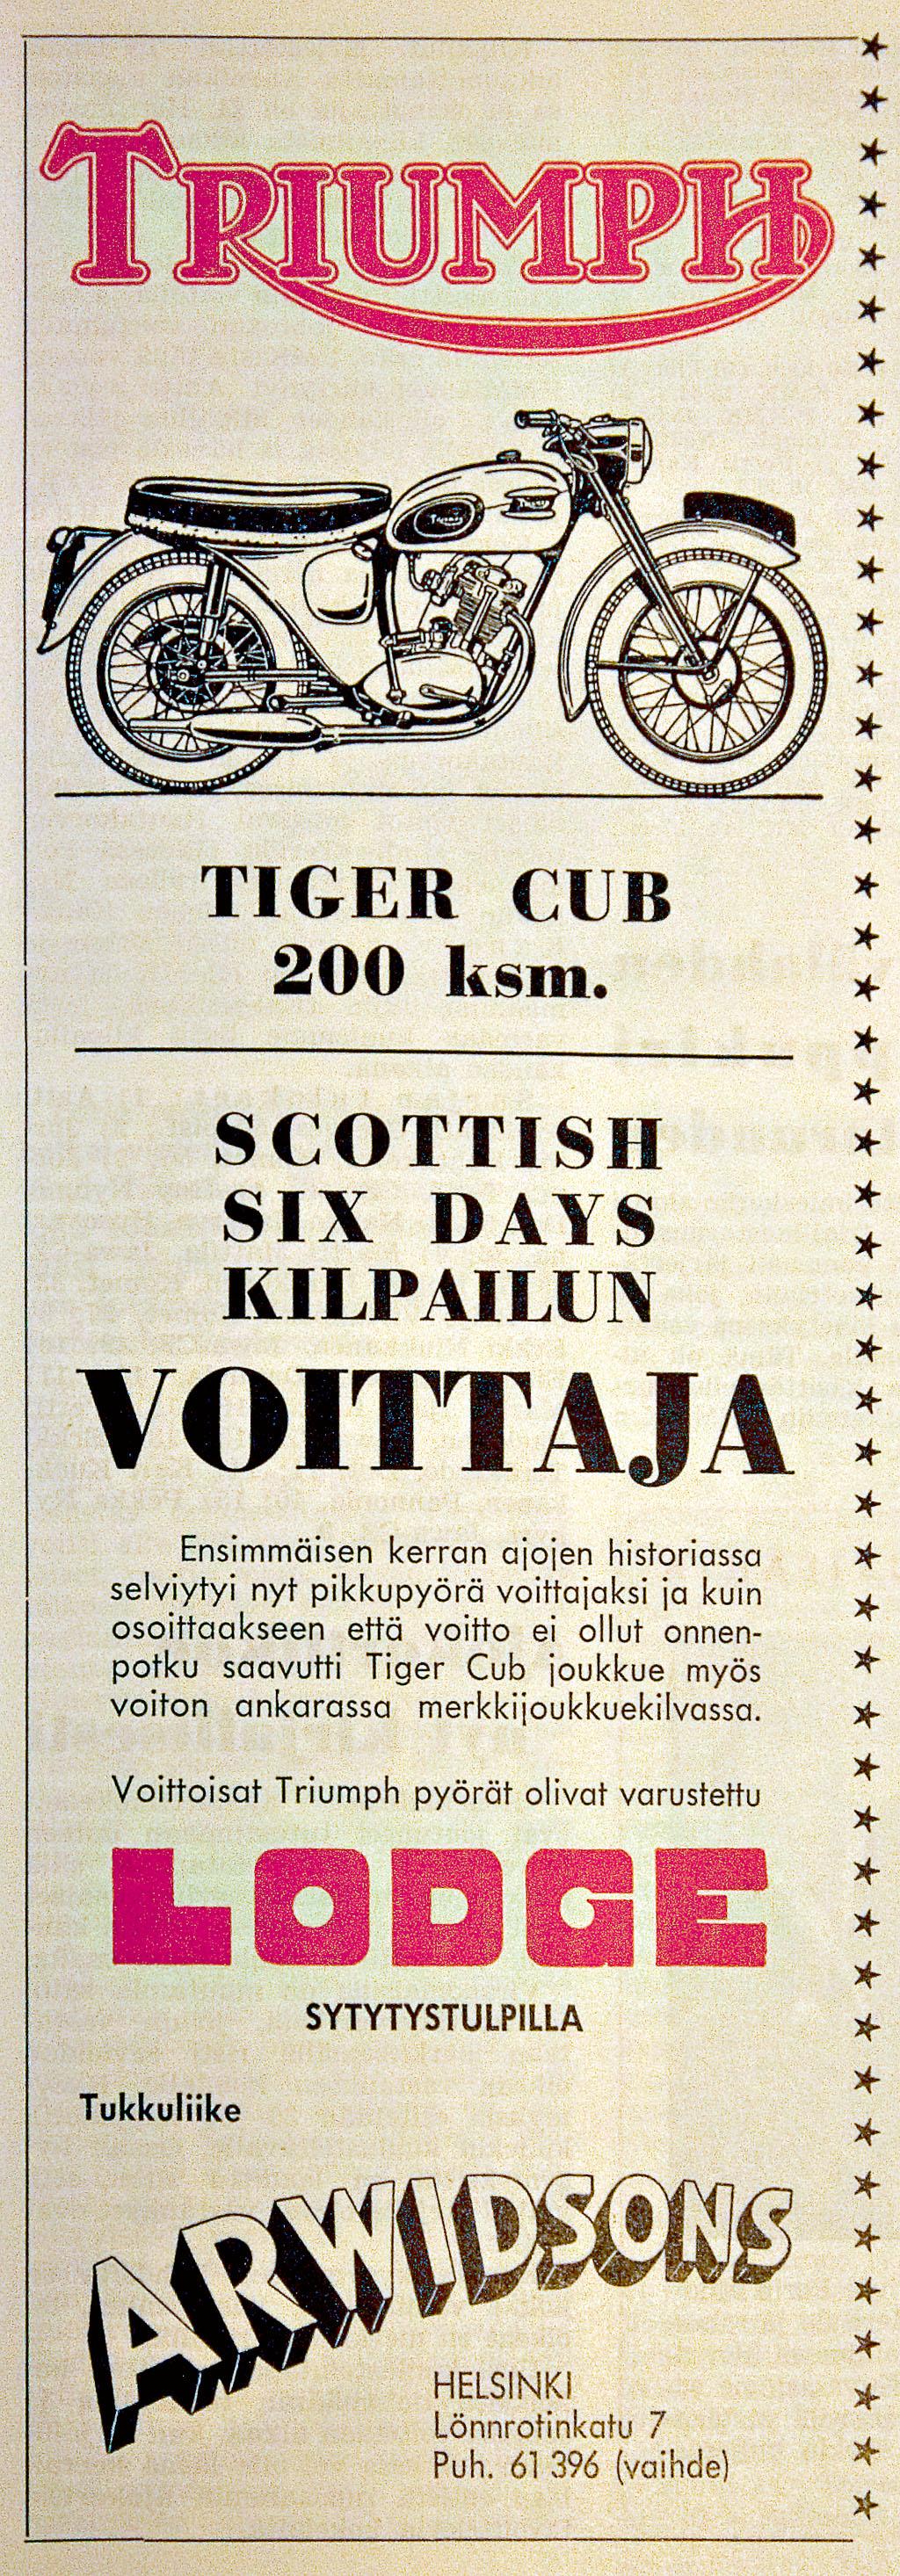 Triumph Tiger Cub Arwidsonin mainoksessa, joka ilmestyi Moottoriurheilulehdessä 1958.